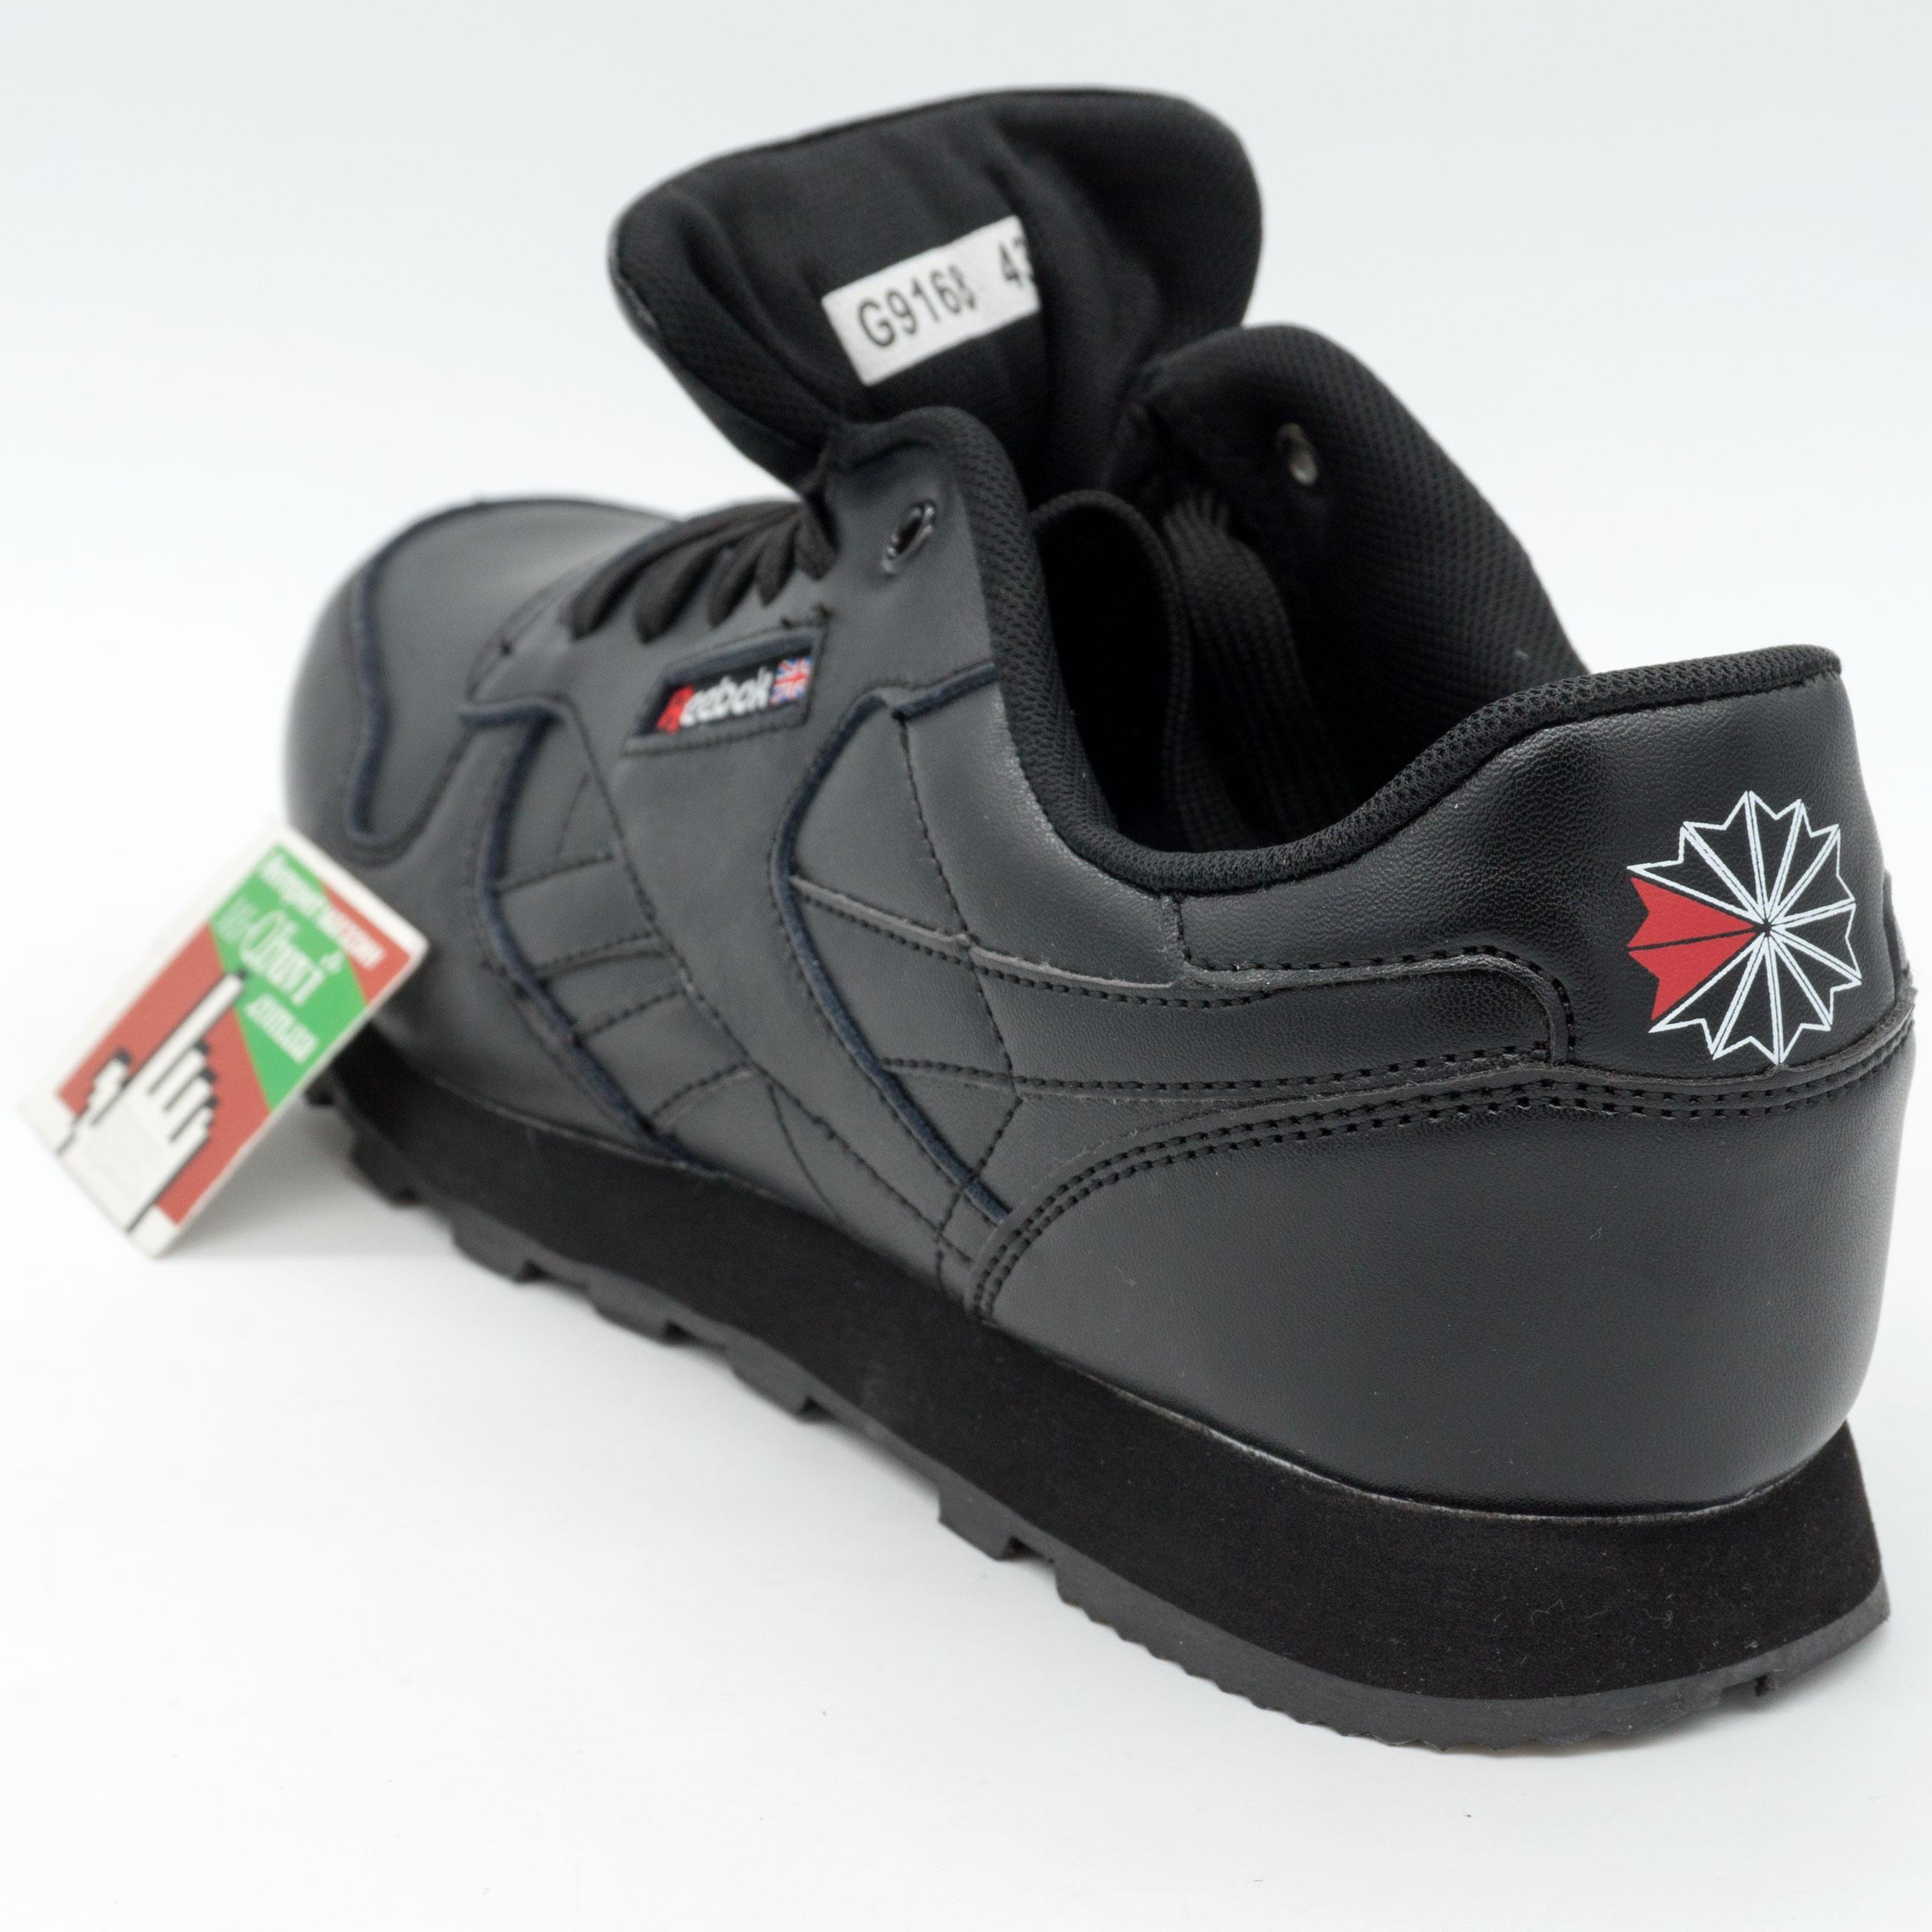 фото front Женские кроссовки Reebok classic leather black (Рибок класик черные, кожа) front